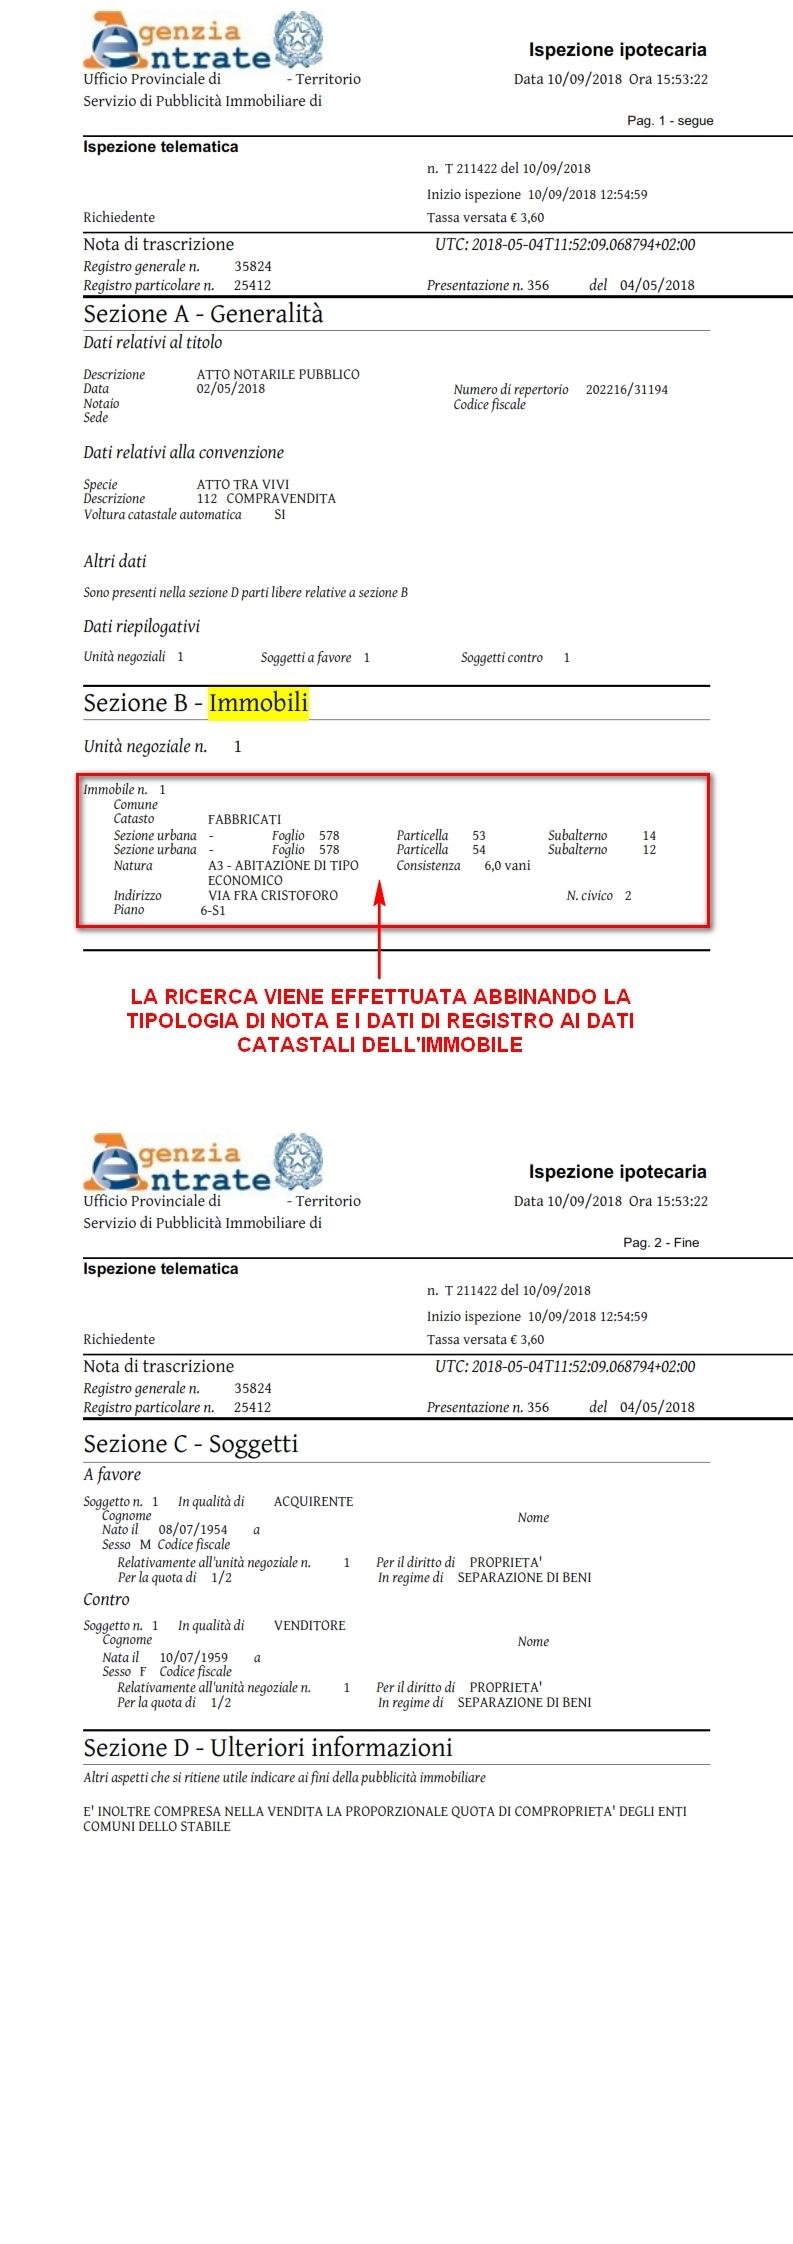 NOTA DI TRASCRIZIONE CONSERVATORIA SCARICARE